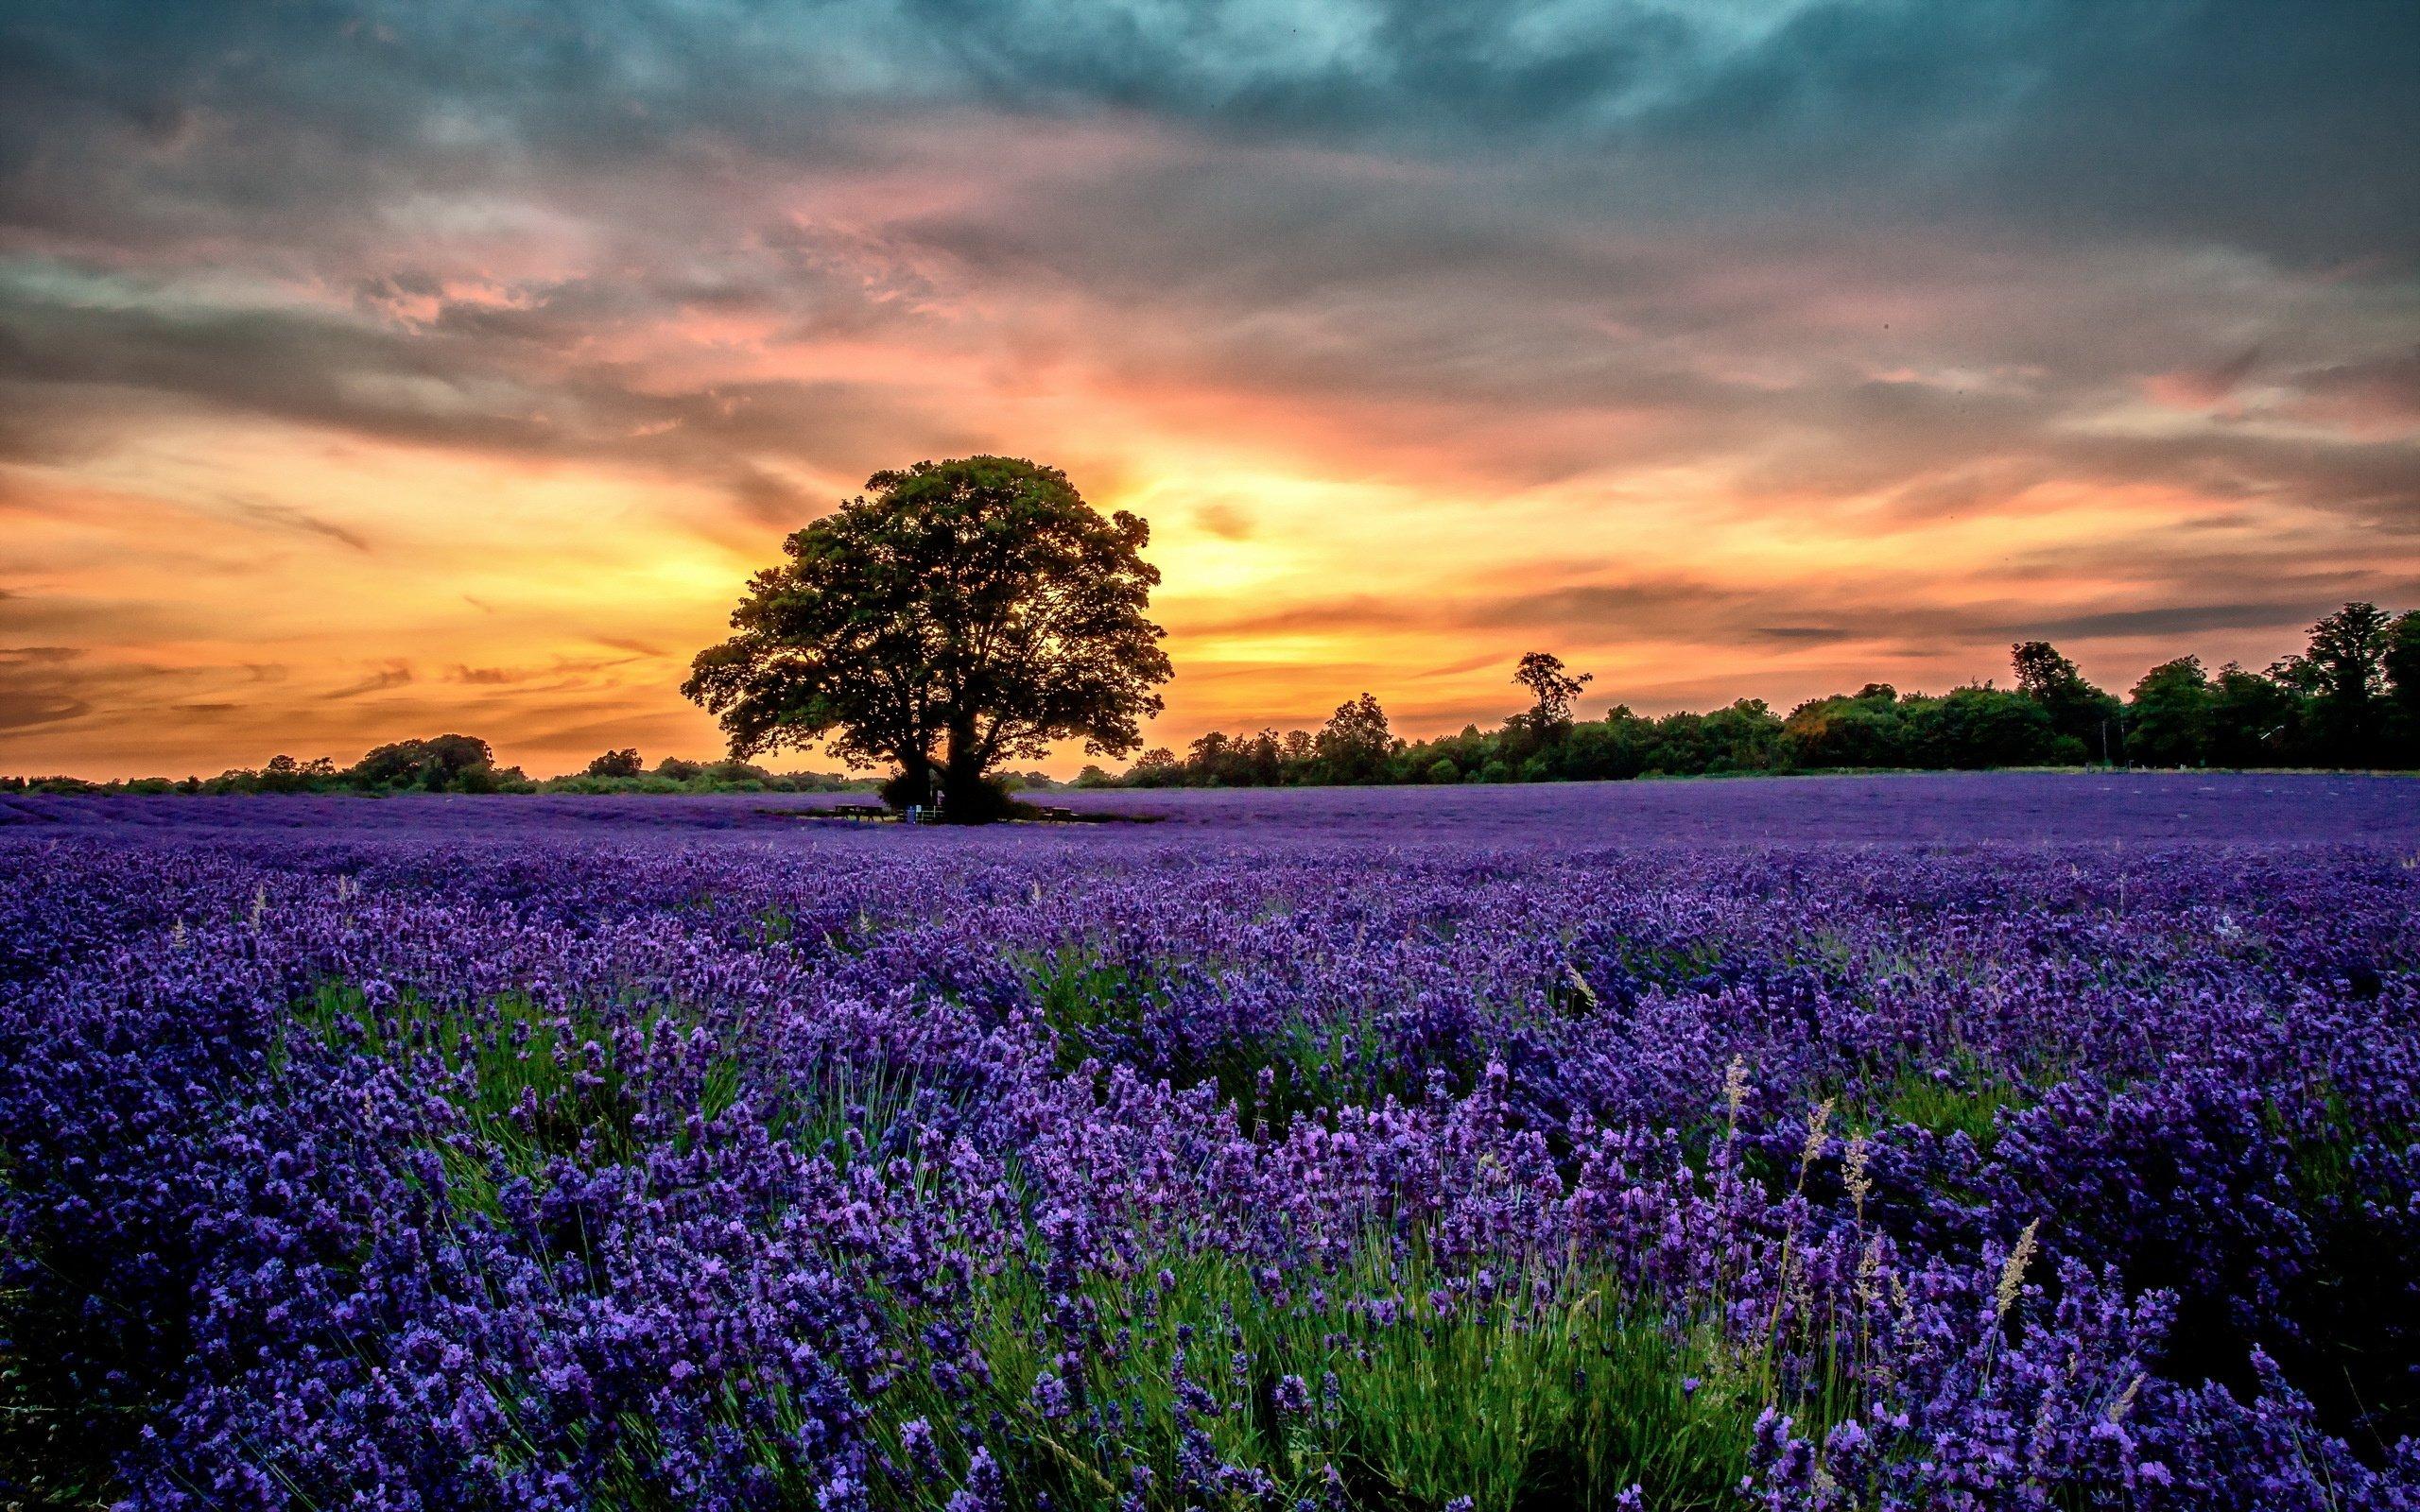 Flowers sunset field lavender scenery wallpaper 2560x1600 356134 2560x1600